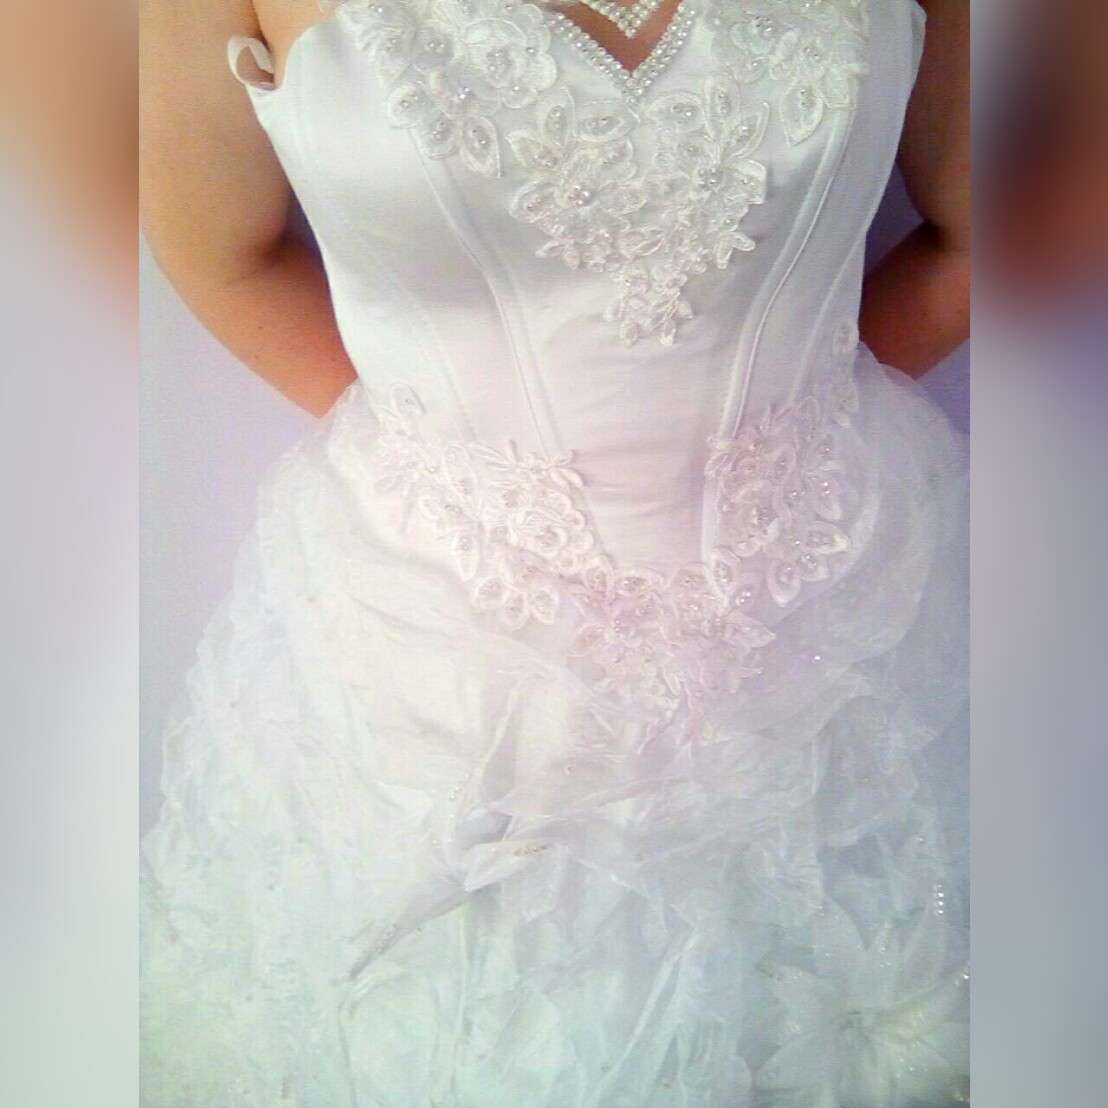 7da4544a857b8c Весільна сукня, весільне плаття, свадебное платье: 1 400 грн - Мода ...